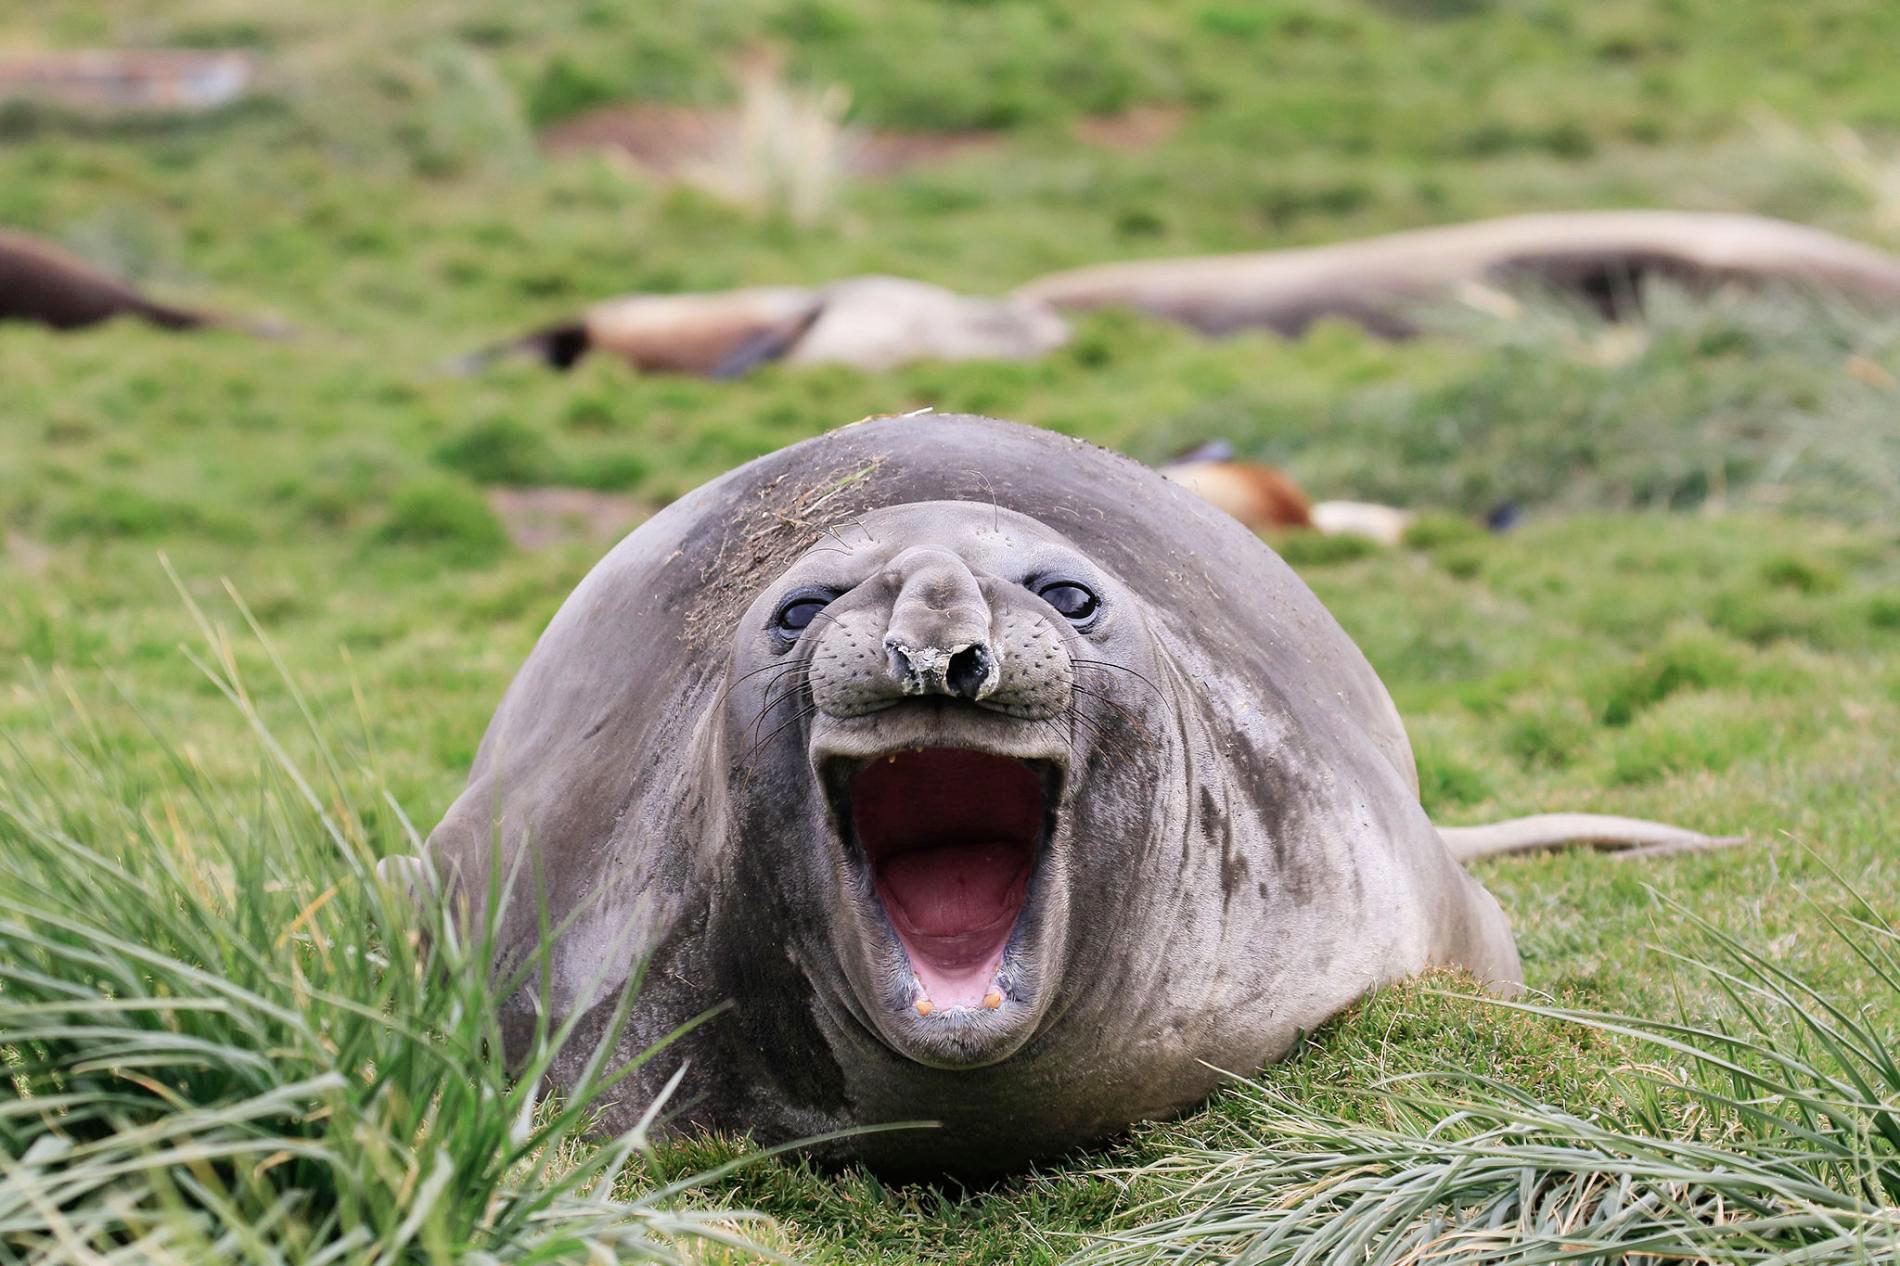 Тюленю вЮжной Георгии тоже кажутся забавными все эти фотографии.